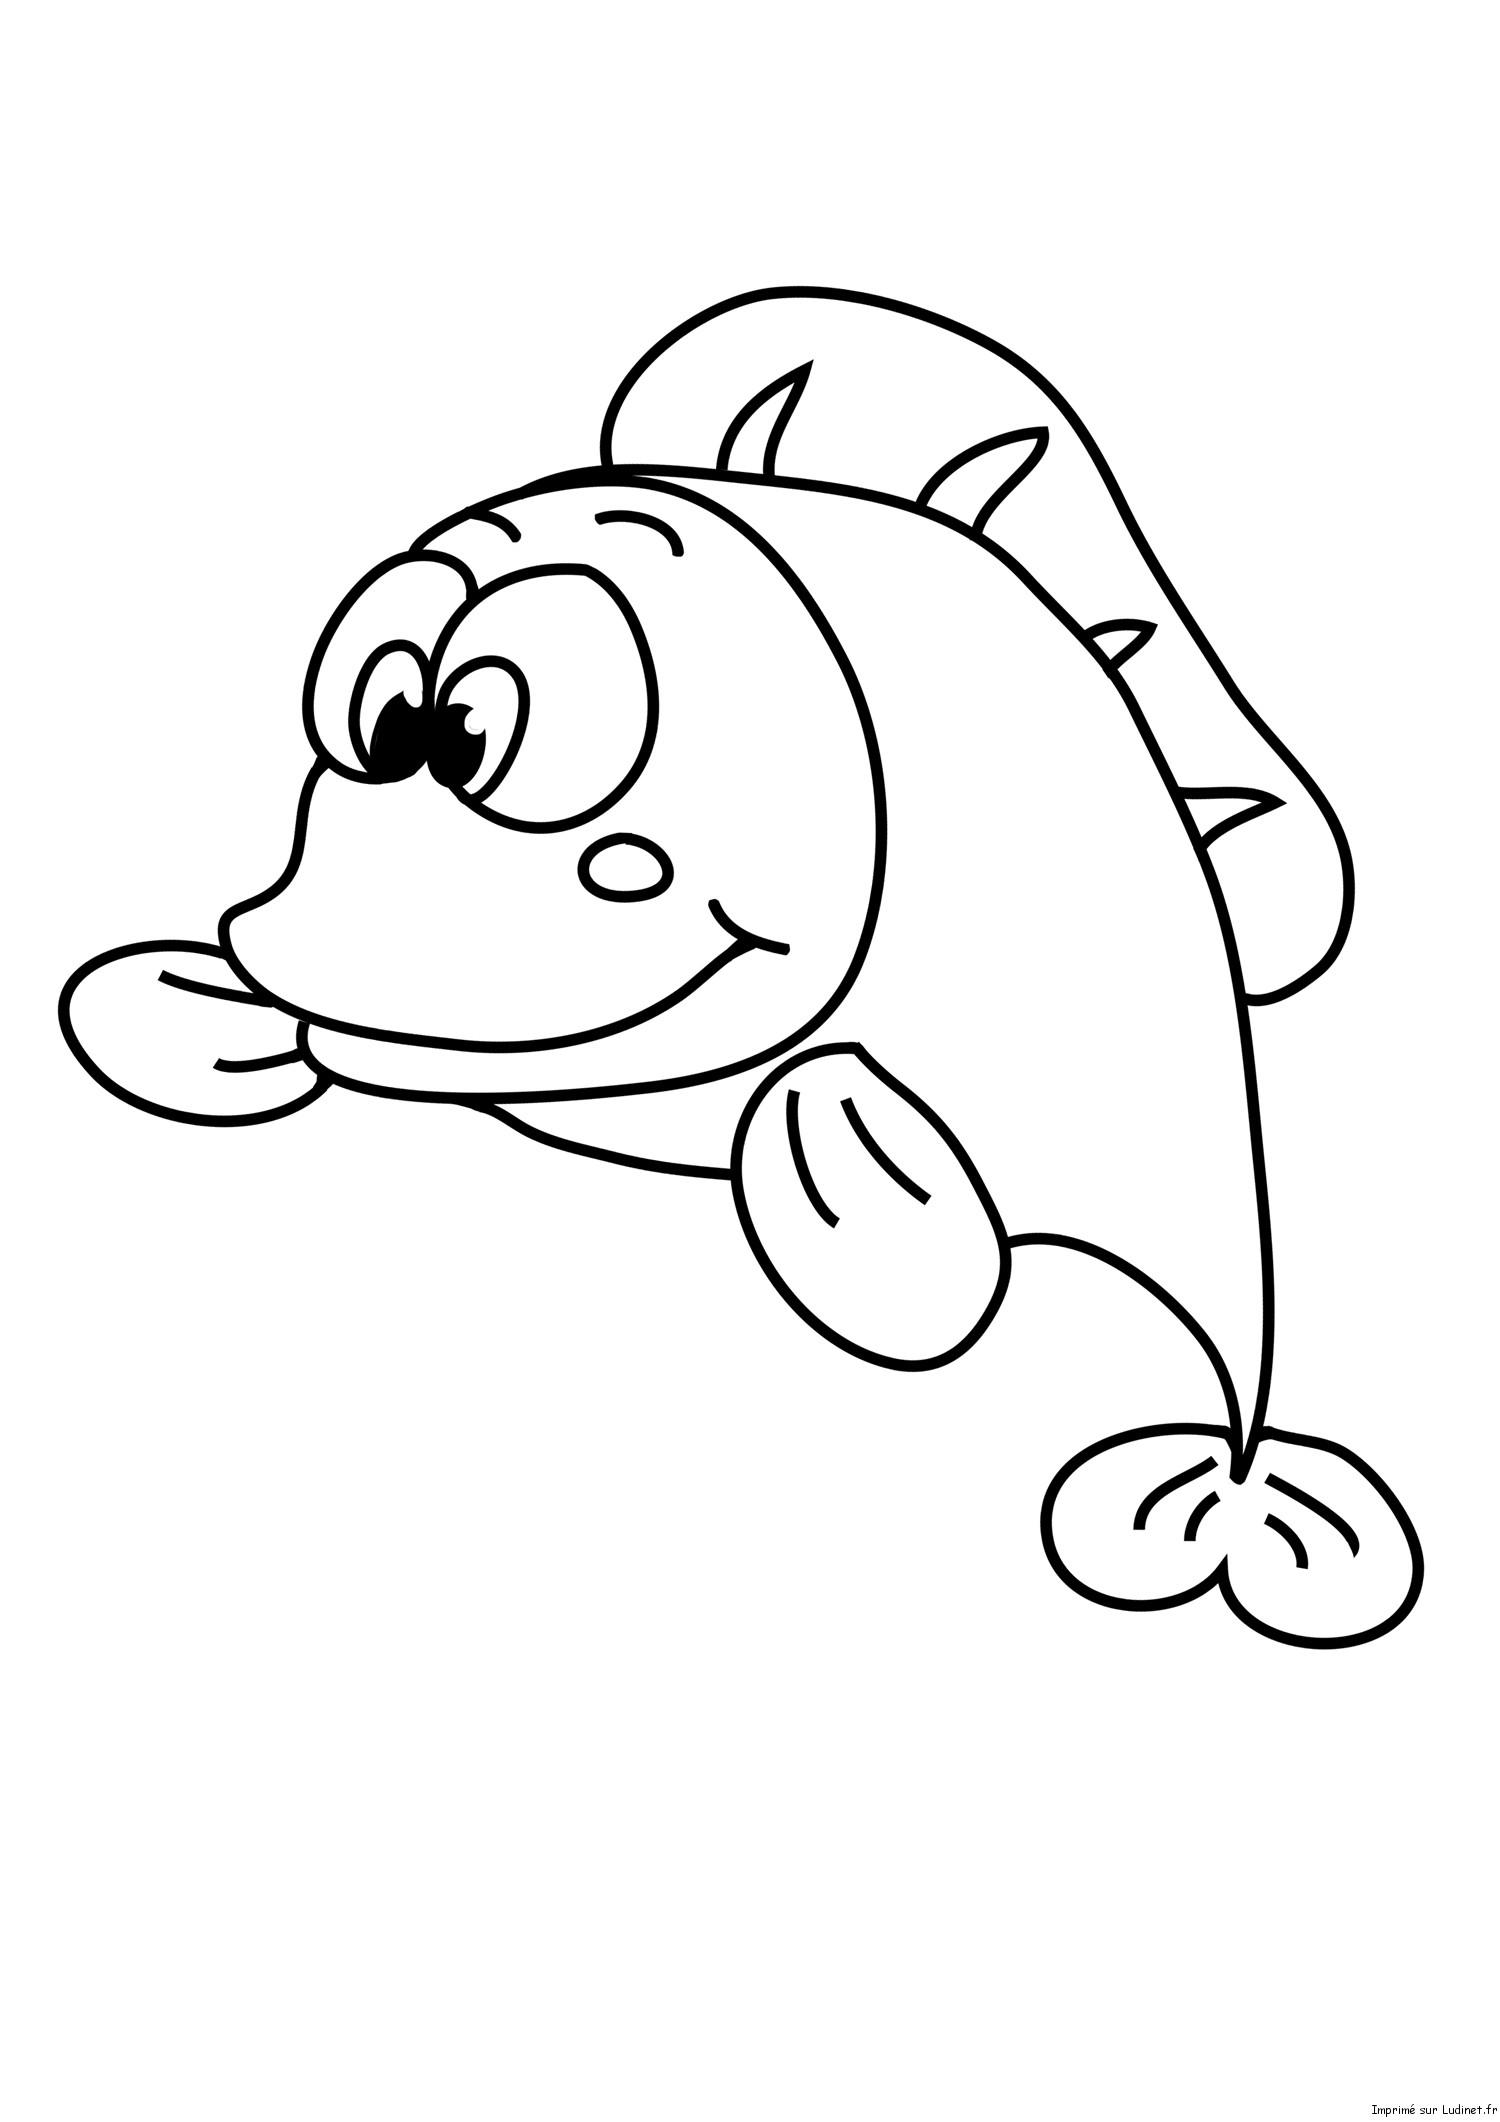 Coloriage poisson d 39 avril poisson gros - Coloriage poisson rouge ...